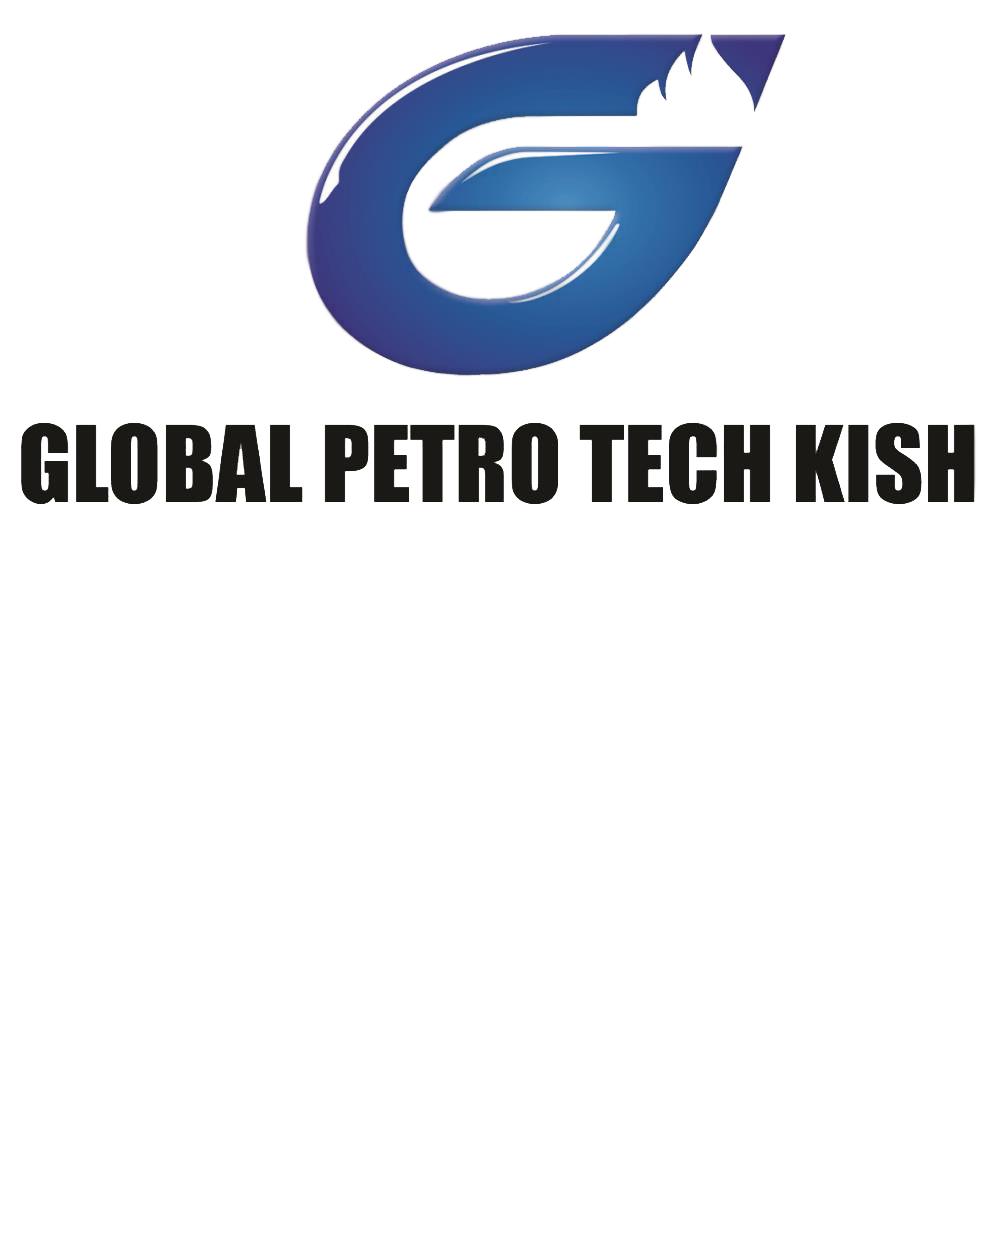 شرکت گلوبال پتروتک کیش